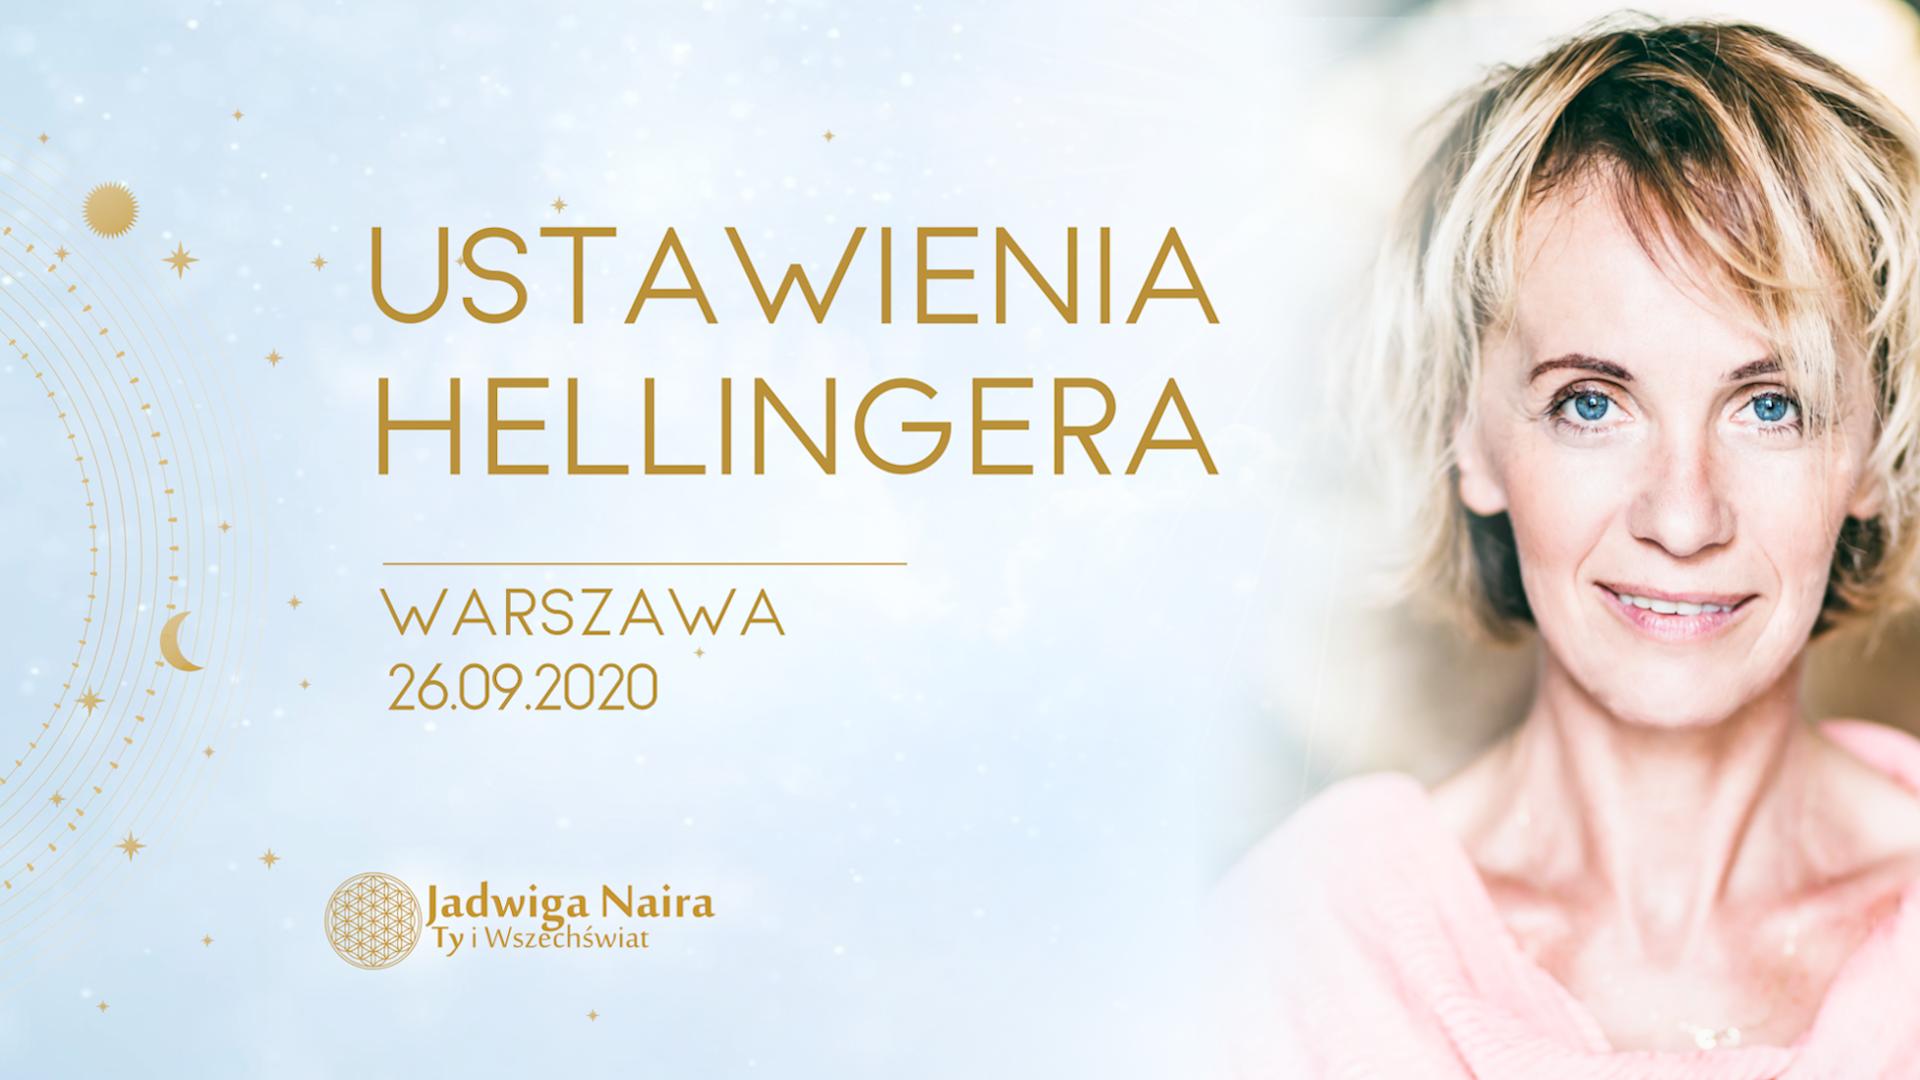 Ustawienia Hellingera - Warszawa